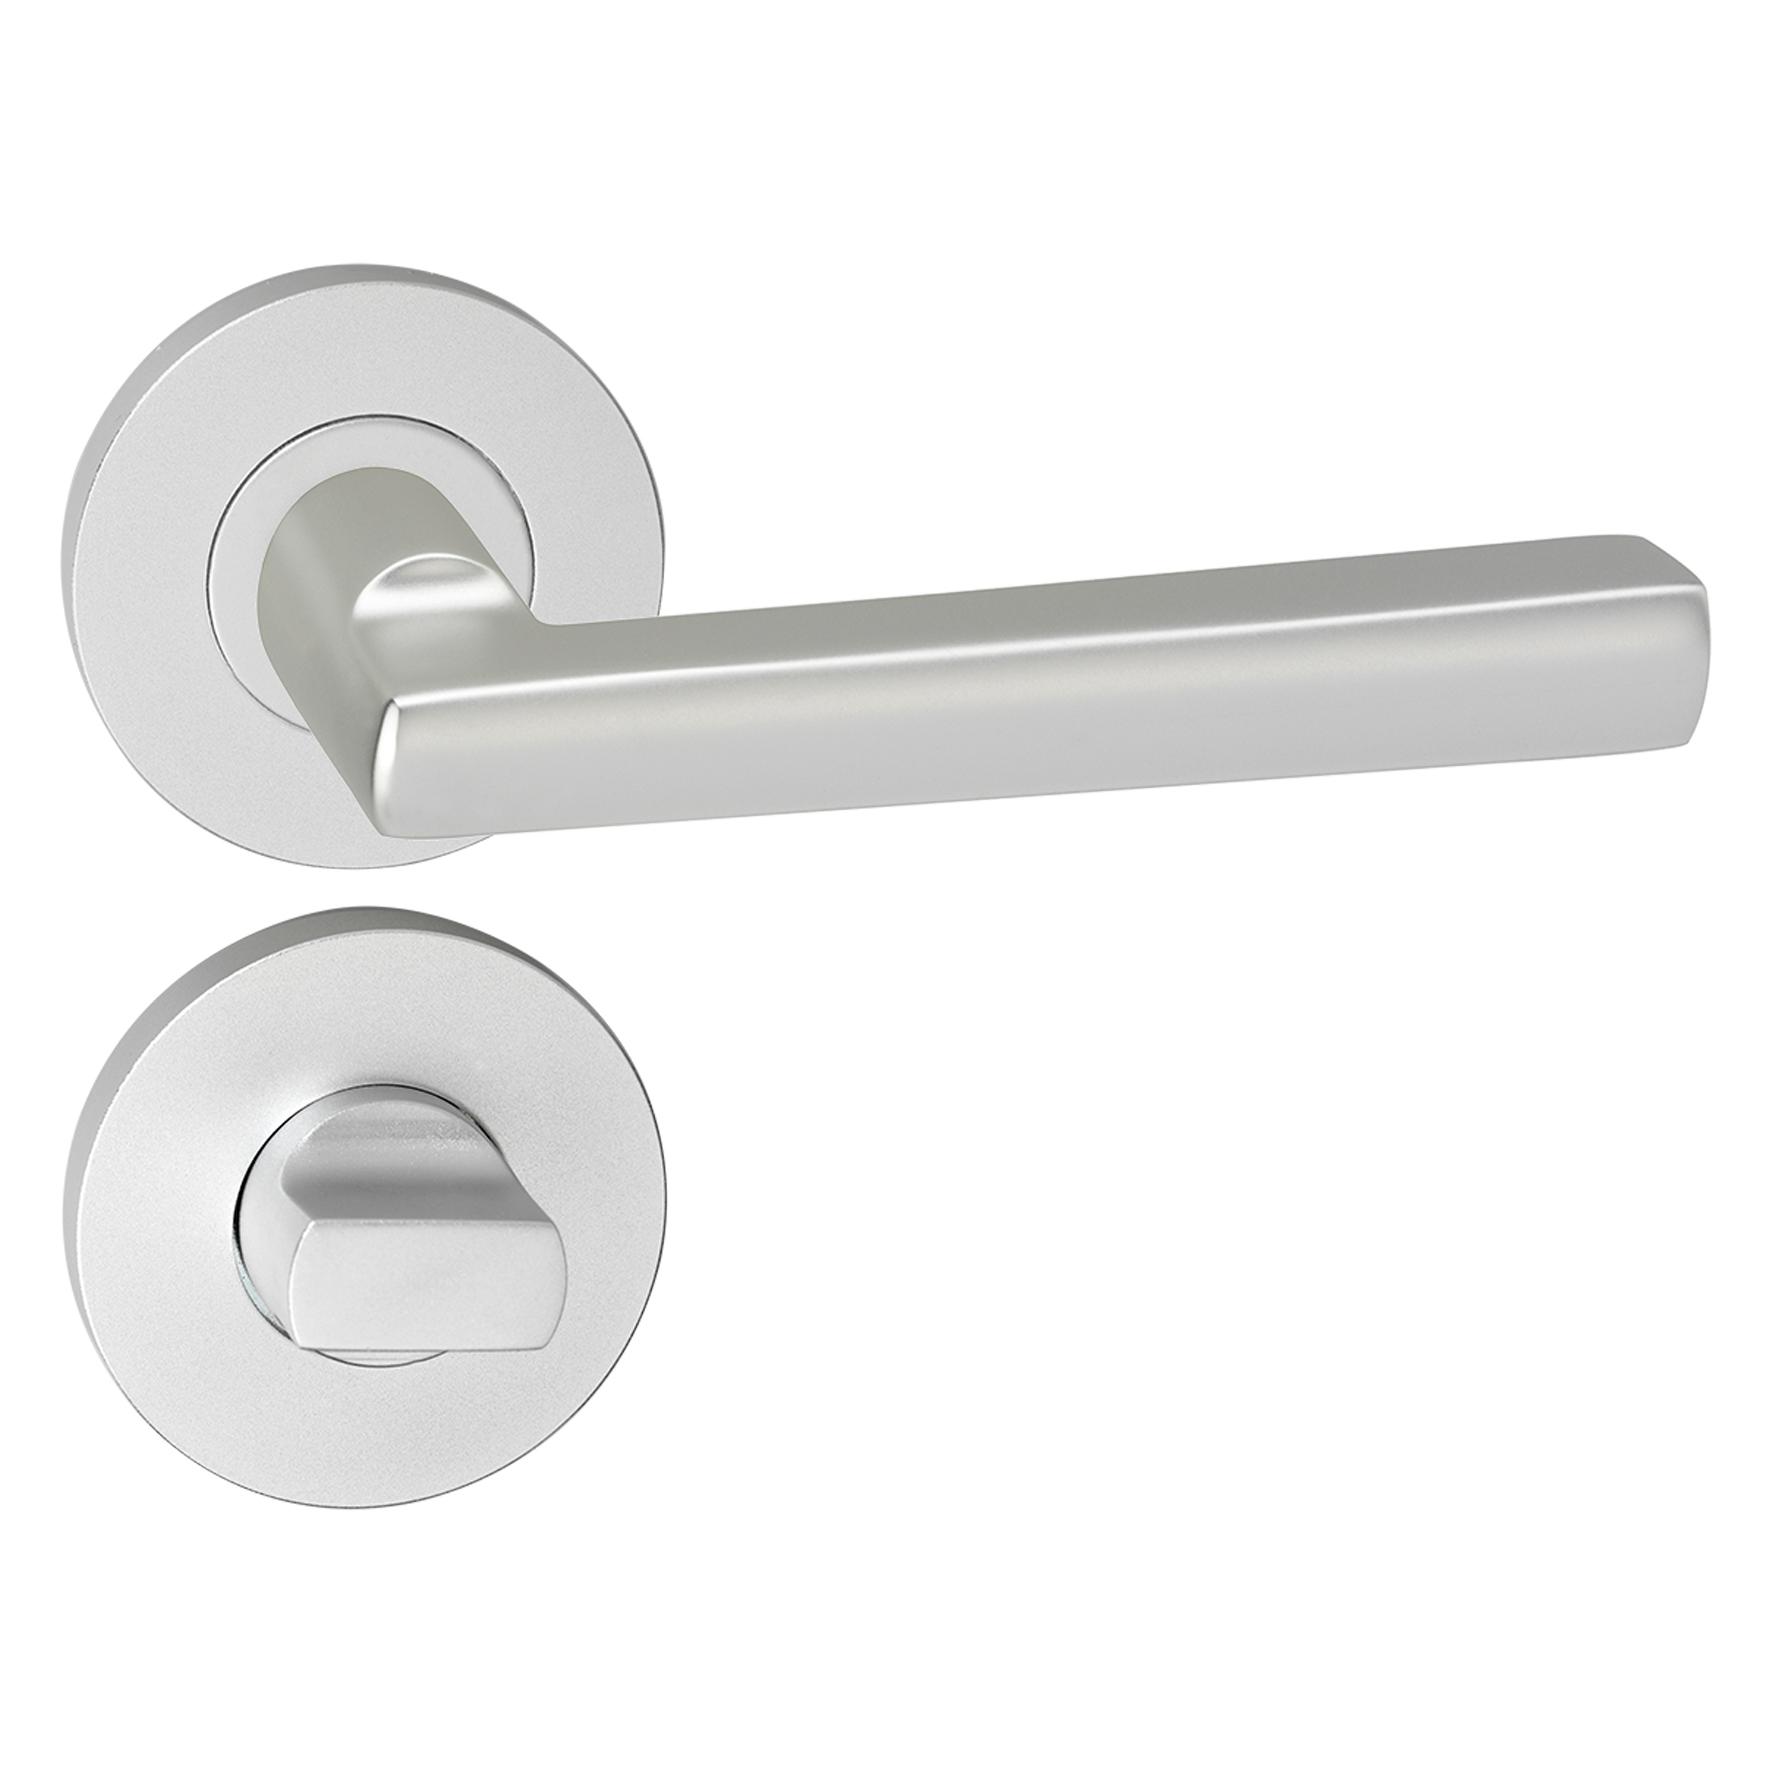 Goedkoop rvs deurbeslag kopen deurkruk deurknop for Klinken voor binnendeuren